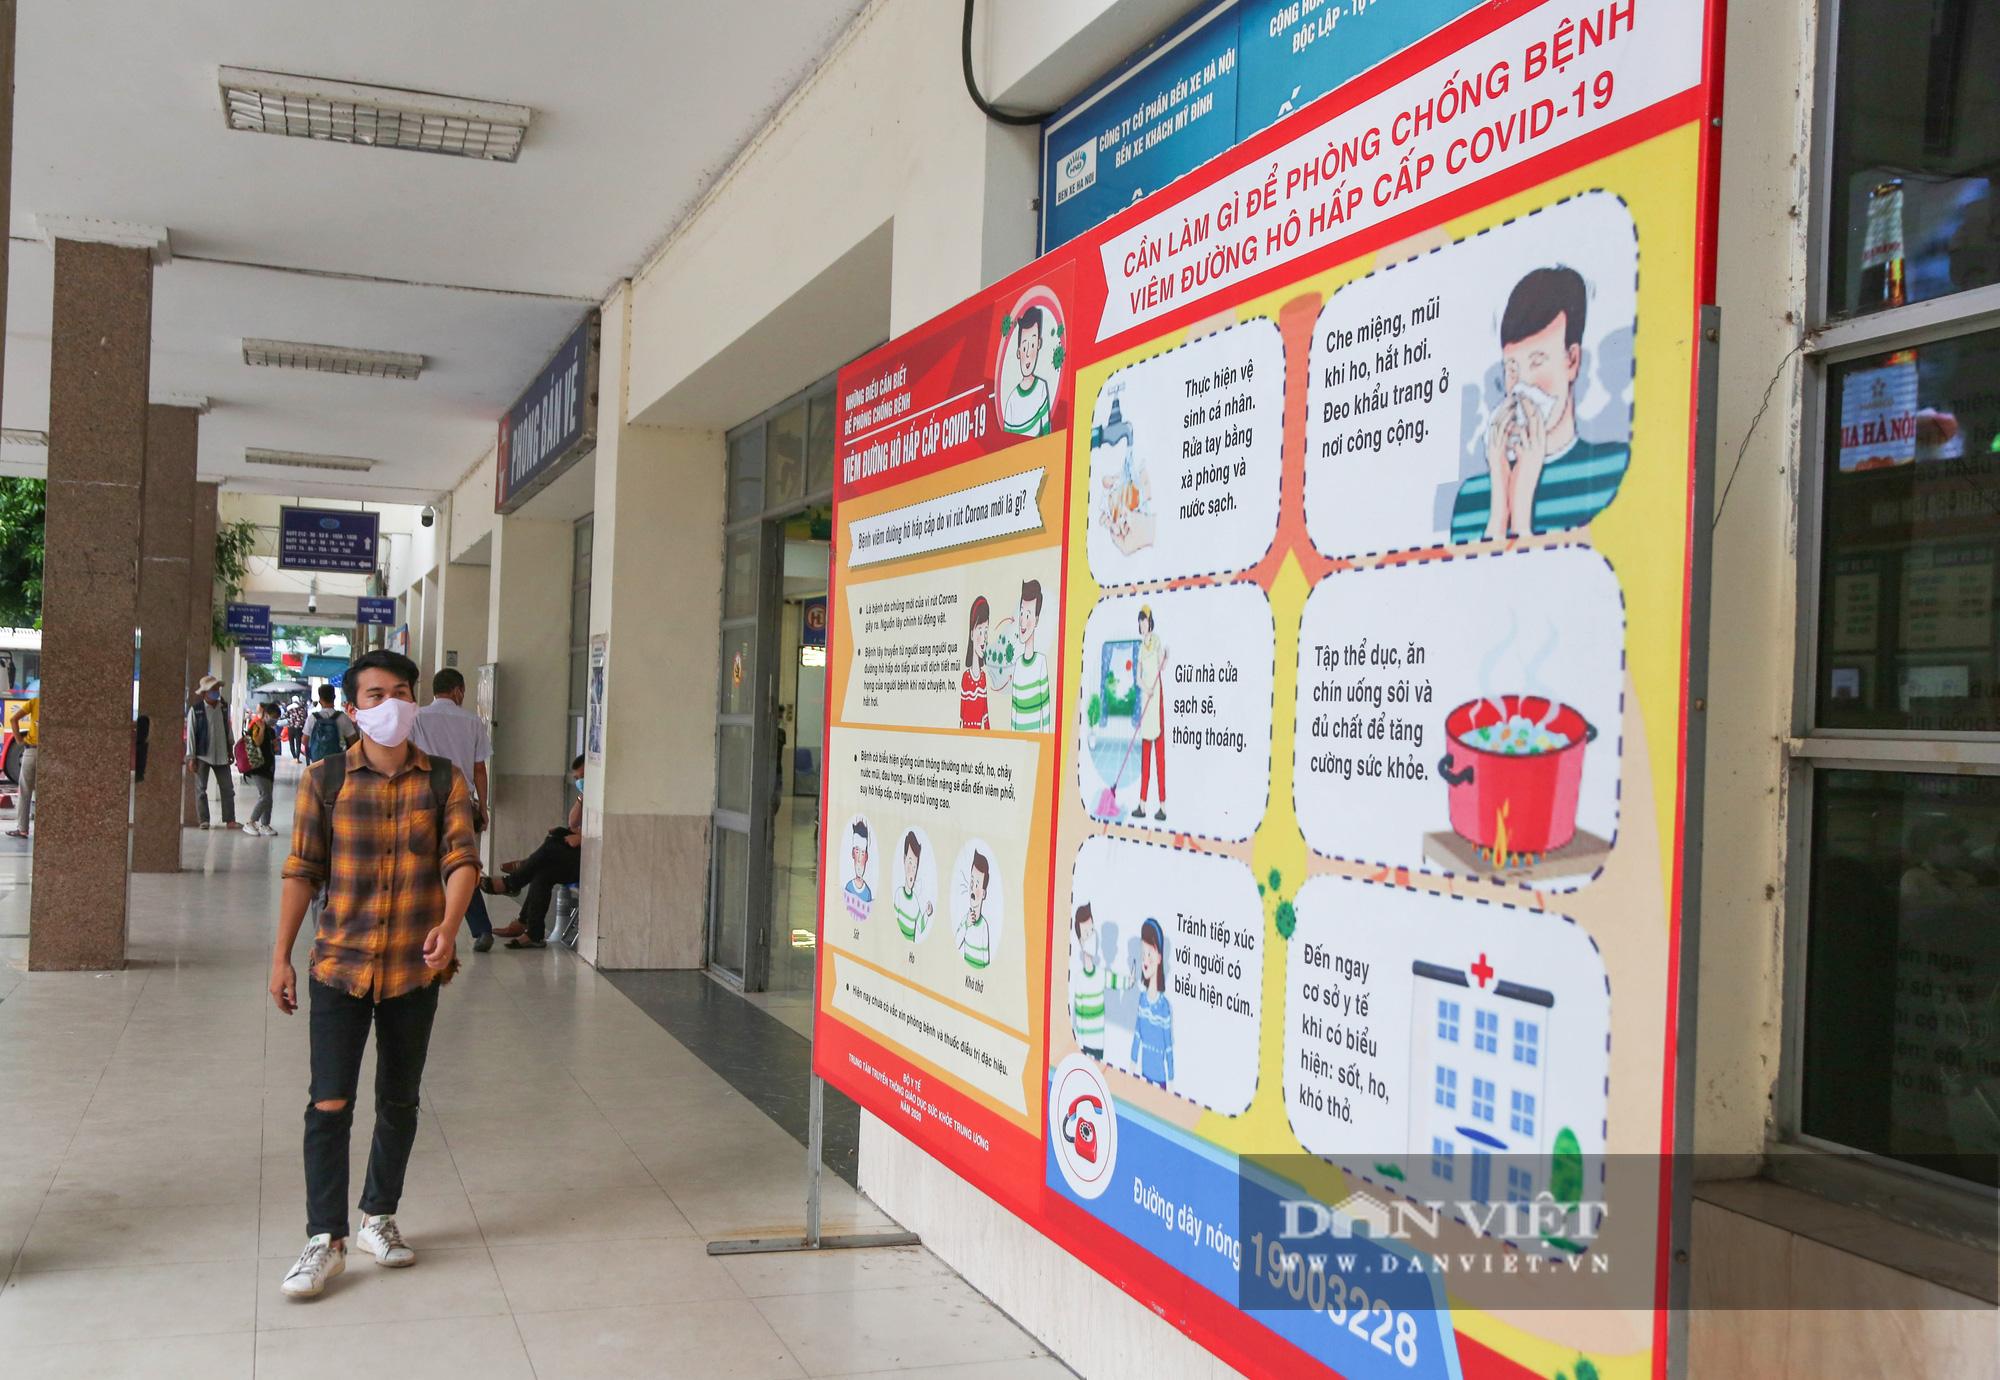 Các bến xe tại Hà Nội dùng biện pháp gì để phòng chống dịch Covid-19   - Ảnh 3.